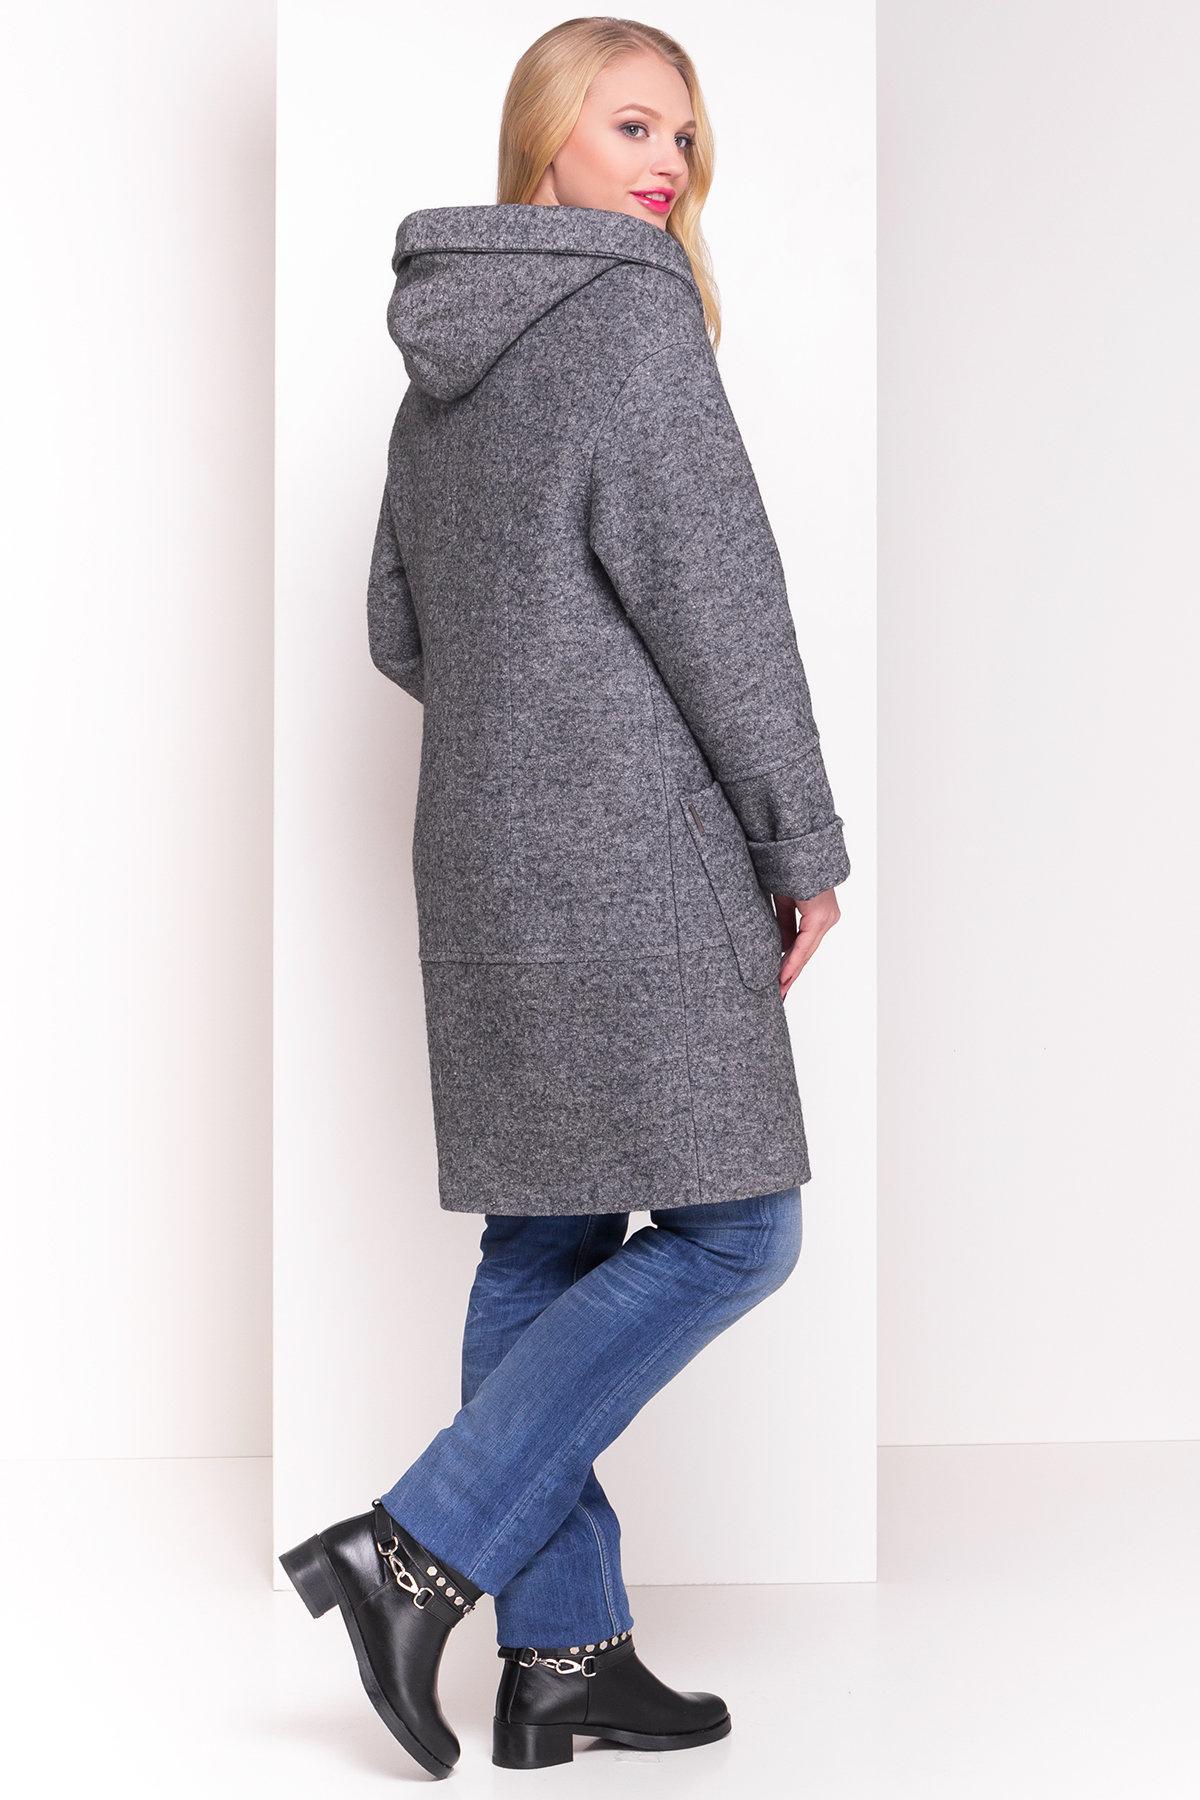 Пальто зима с капюшоном Анита Donna 3720 АРТ. 19290 Цвет: Серый Темный LW-5 - фото 4, интернет магазин tm-modus.ru